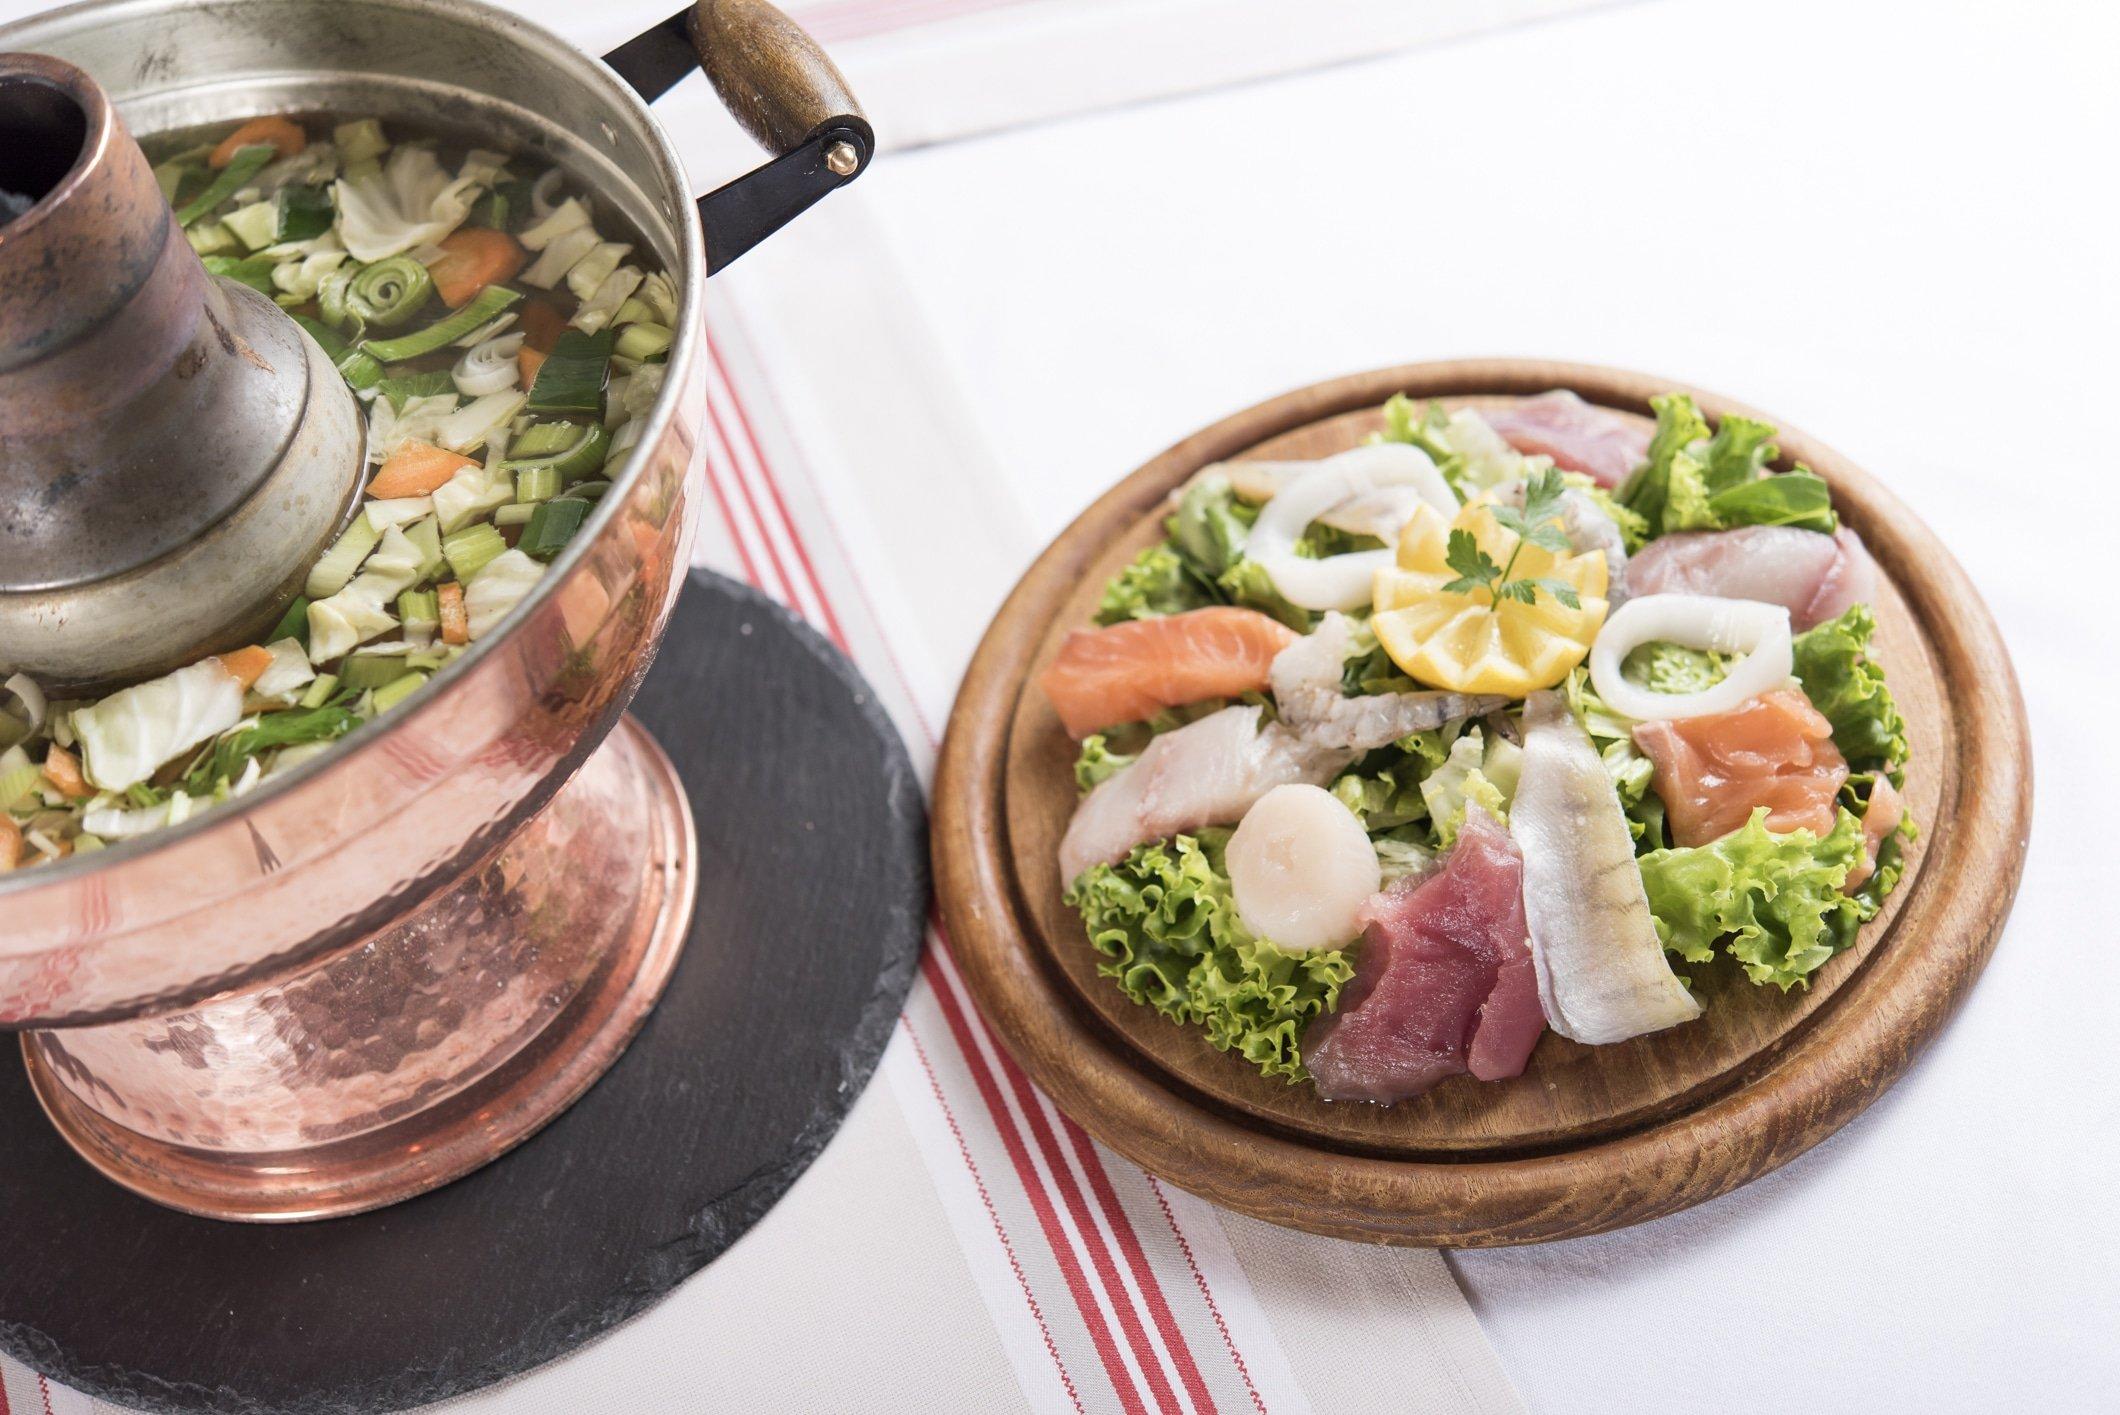 Restaurant le museum - Banquet Menu Marmite de poissons